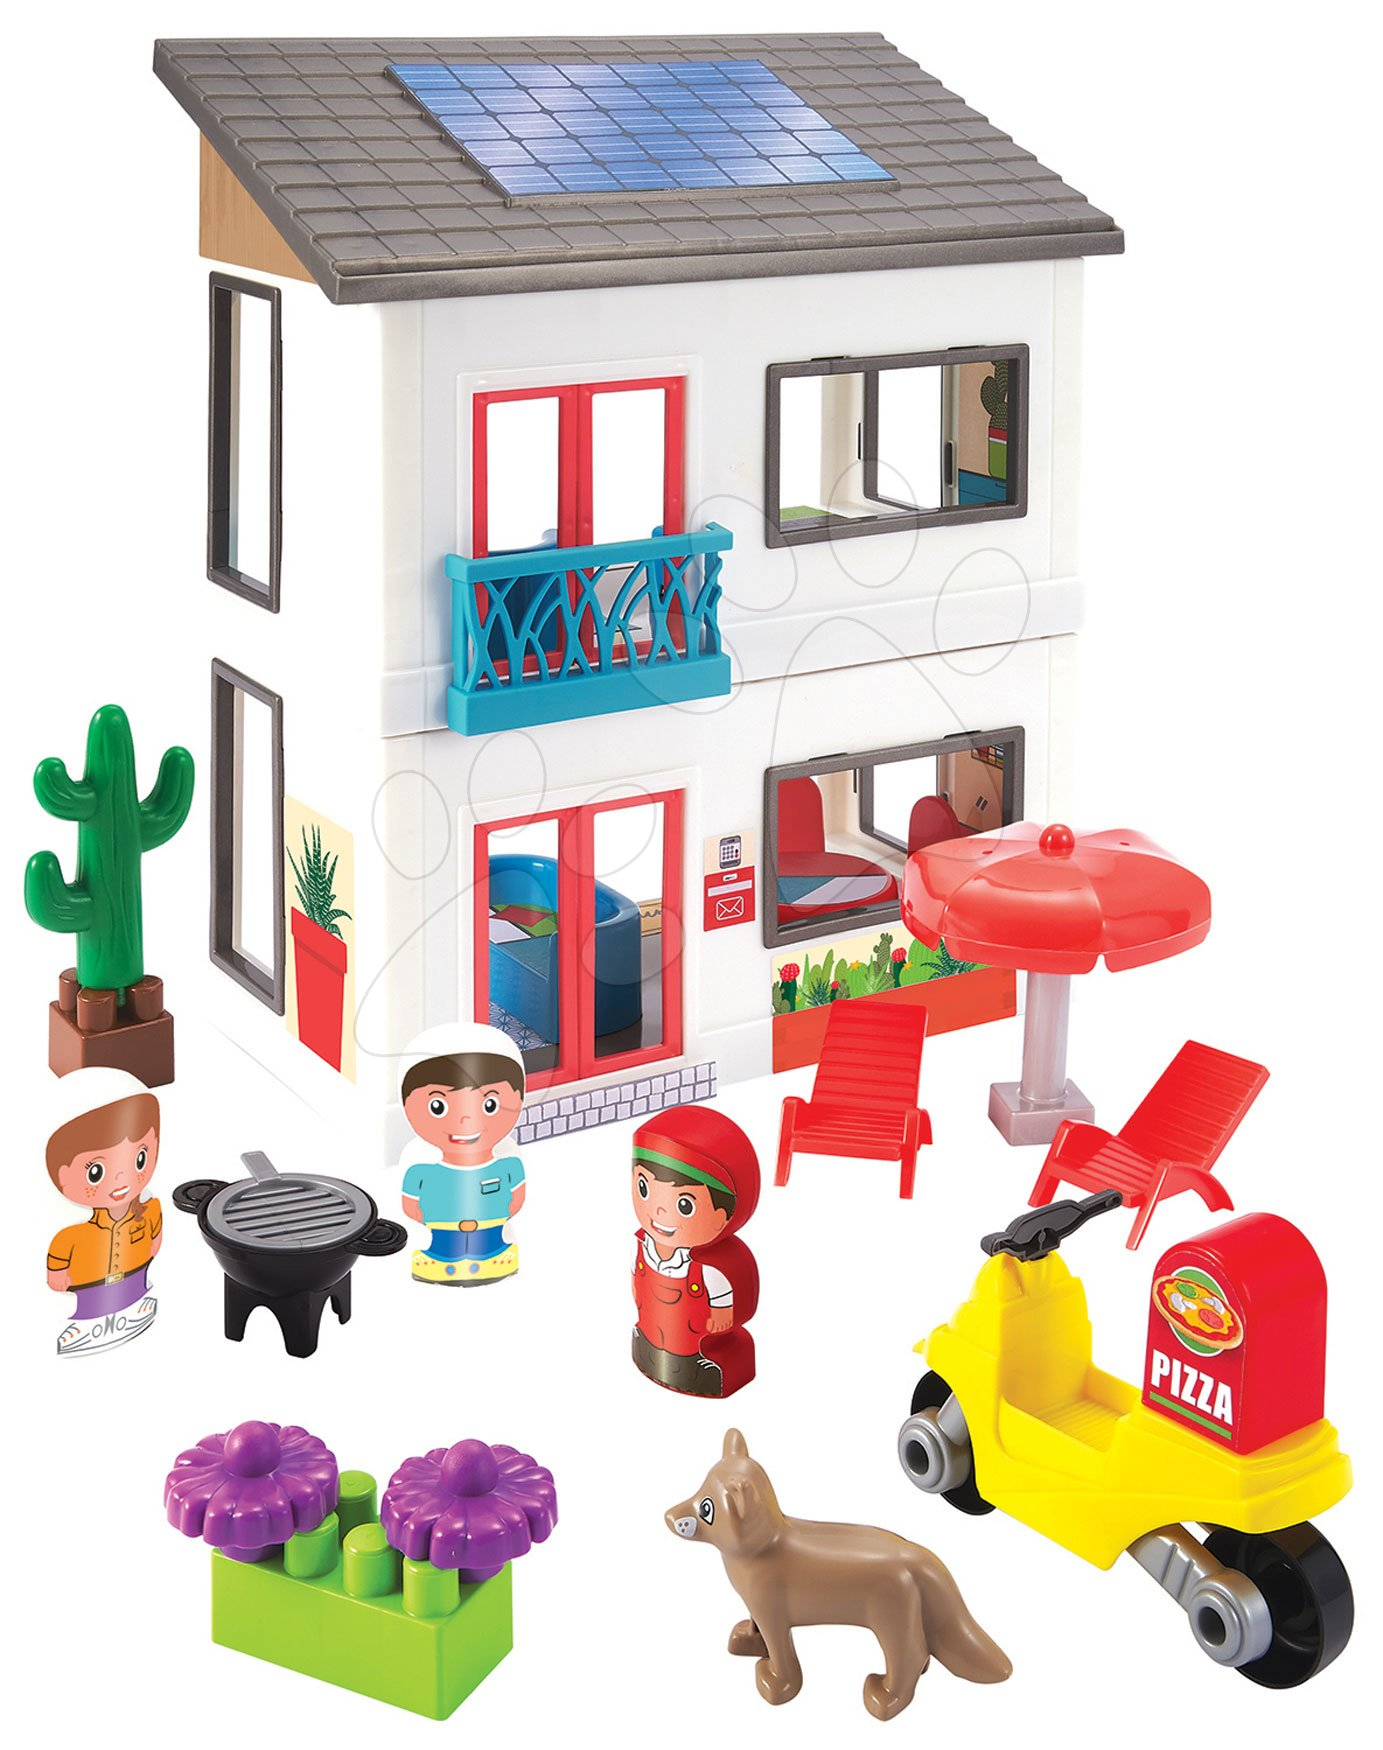 Építőjáték családi ház Abrick Écoiffier emeletes kismotorral és 3 figurával 56 darabos 18 hó-tól